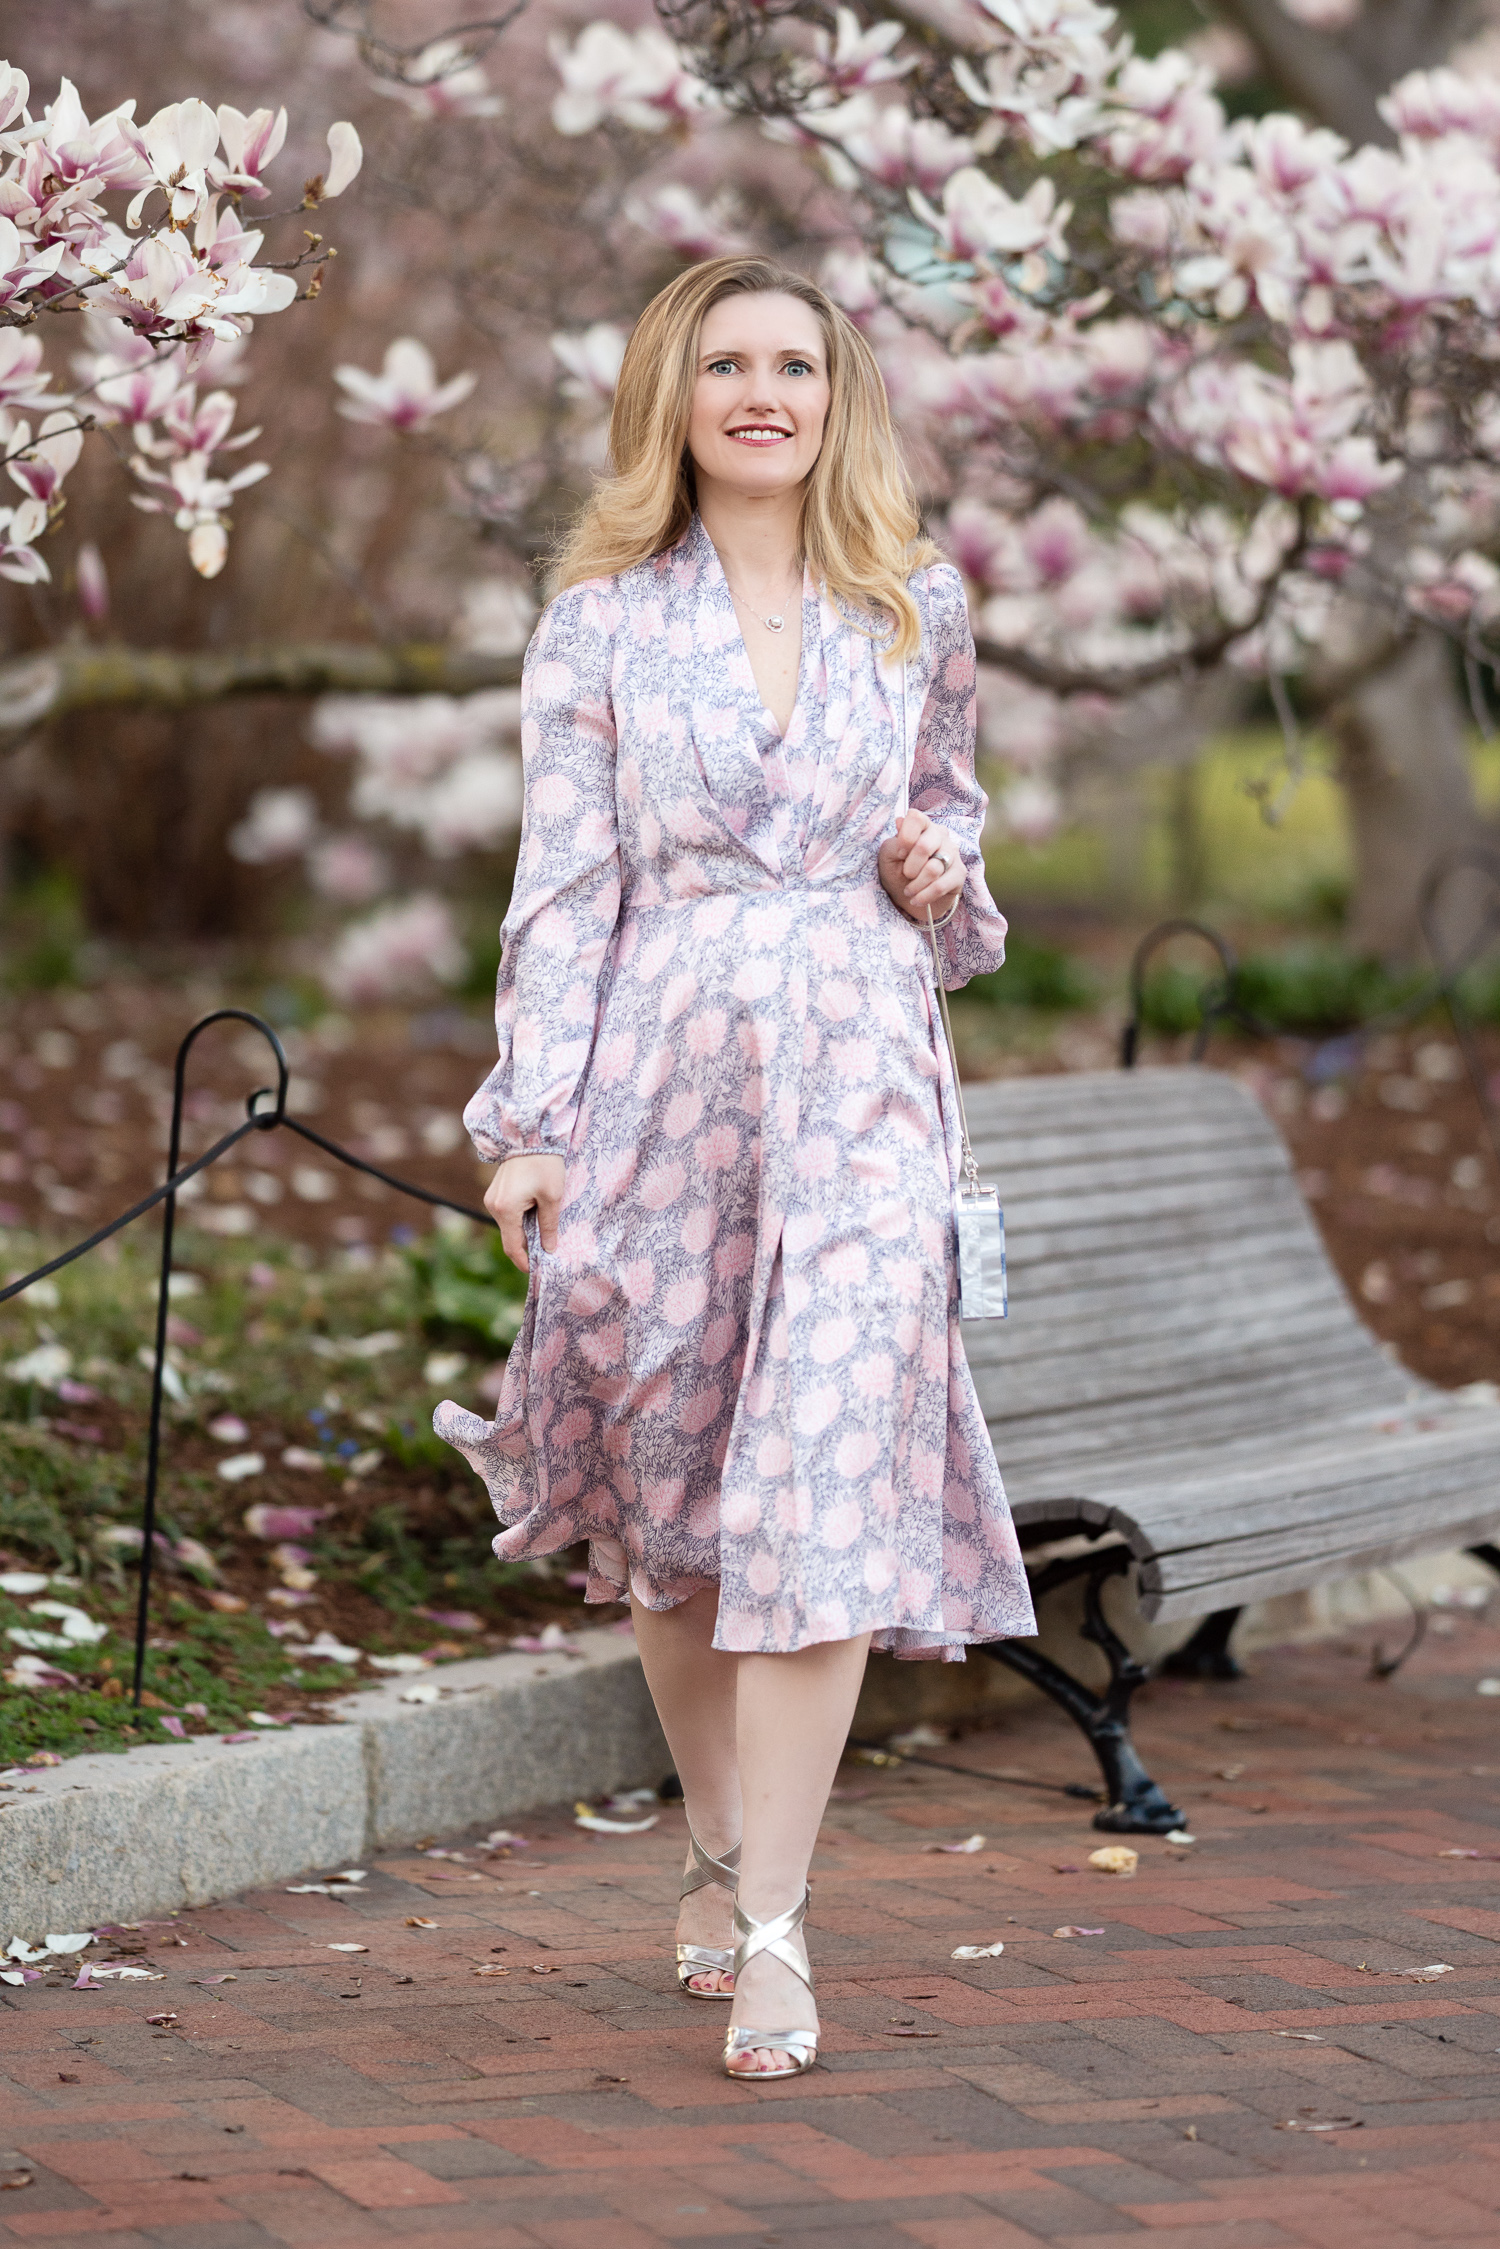 Petite Fashion Blog Gal Meets Glam Dress Magnolia Tree Bloom 5